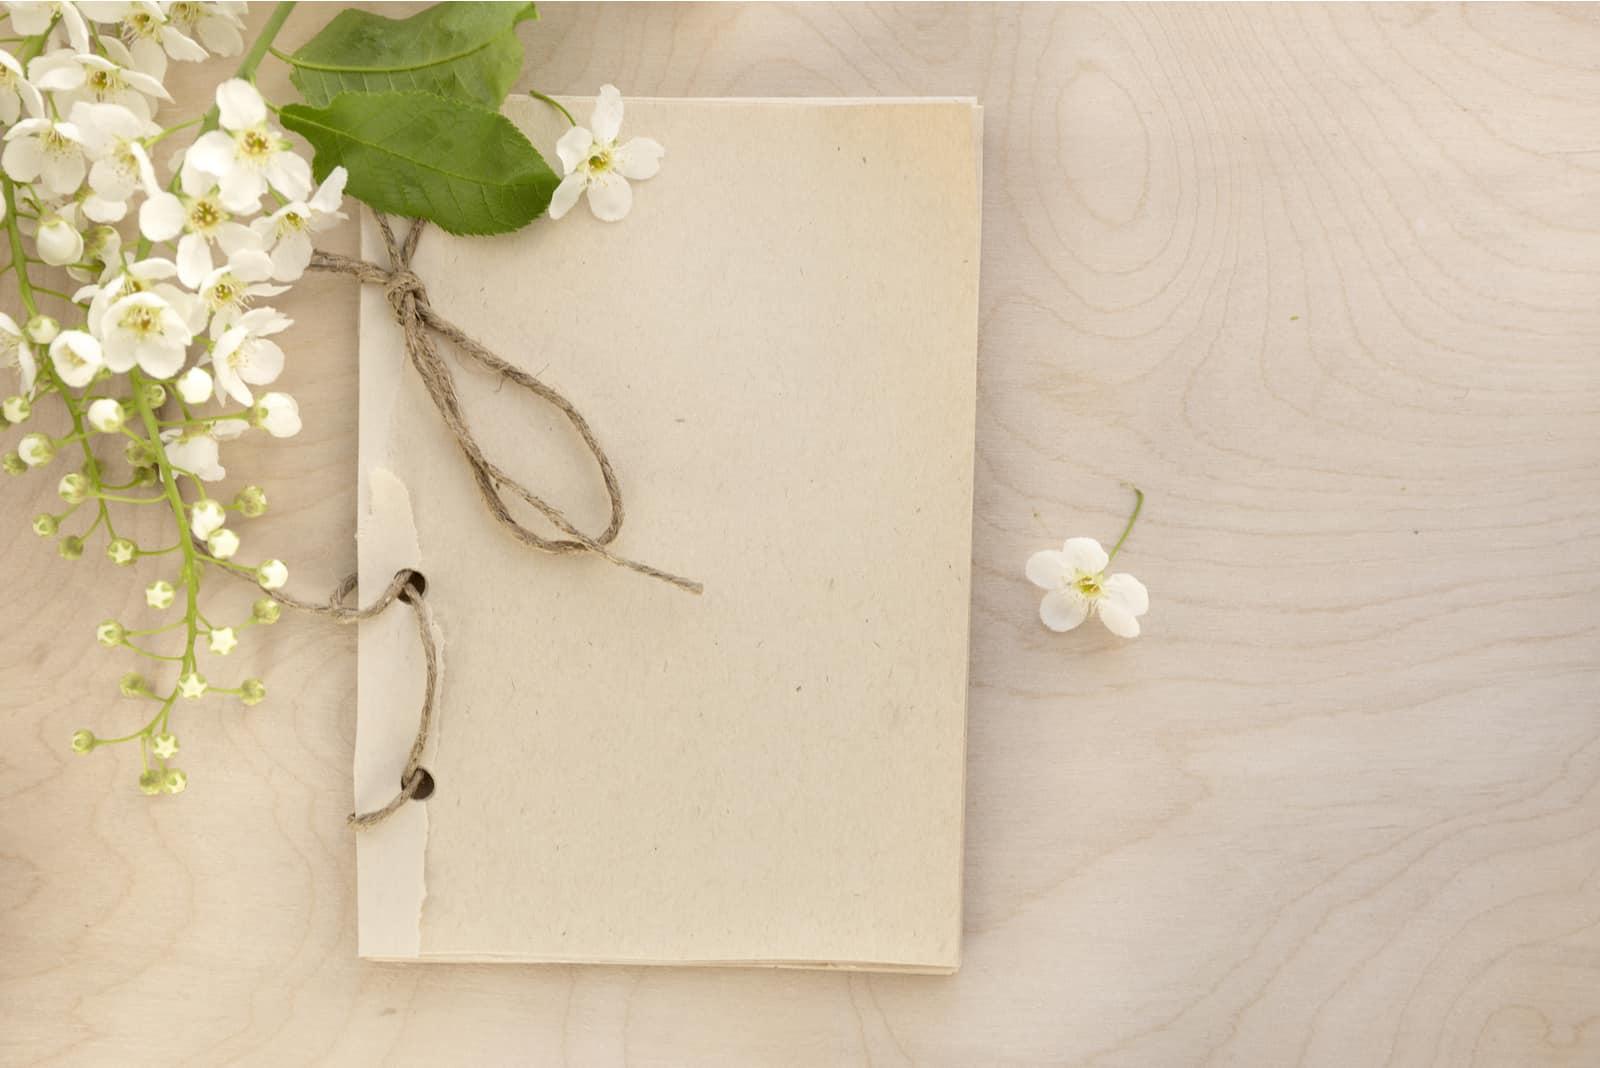 Skizzenbuch mit weißer Vogelkirsche öffnen